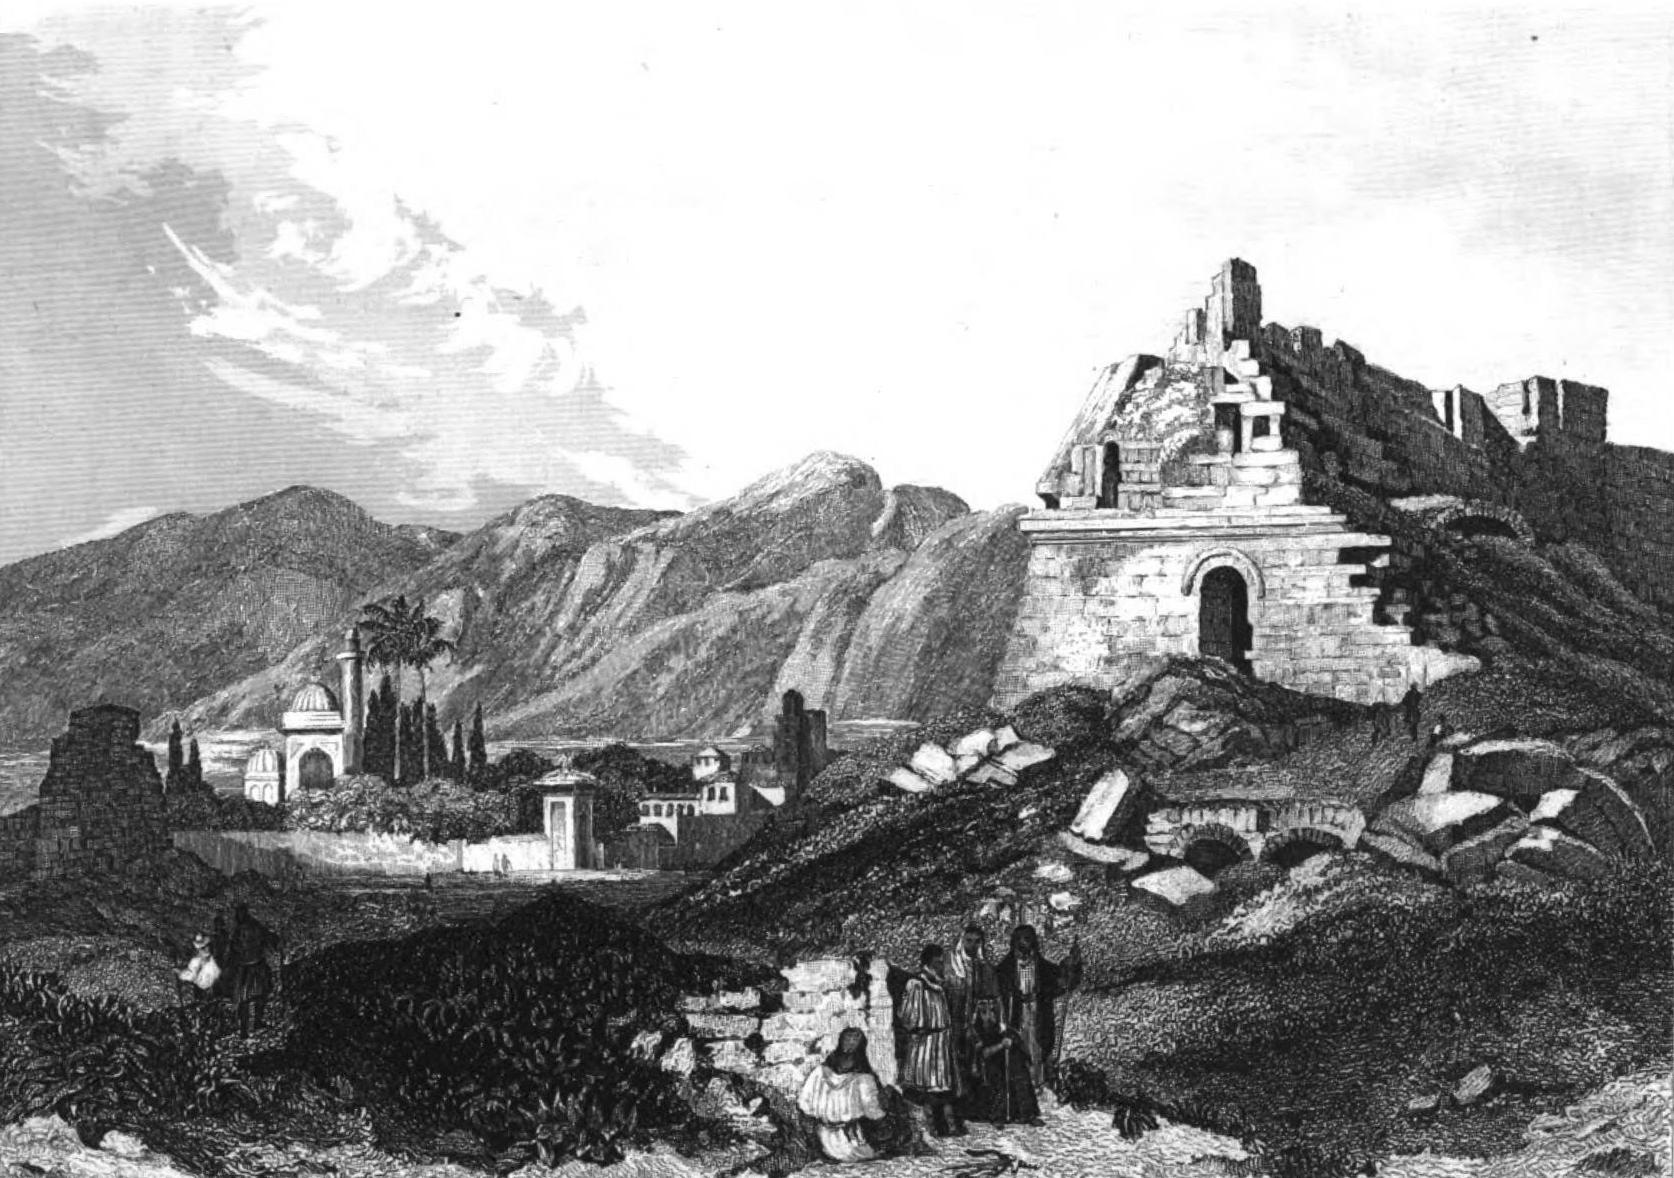 Miletus by Adrien Egron 1837